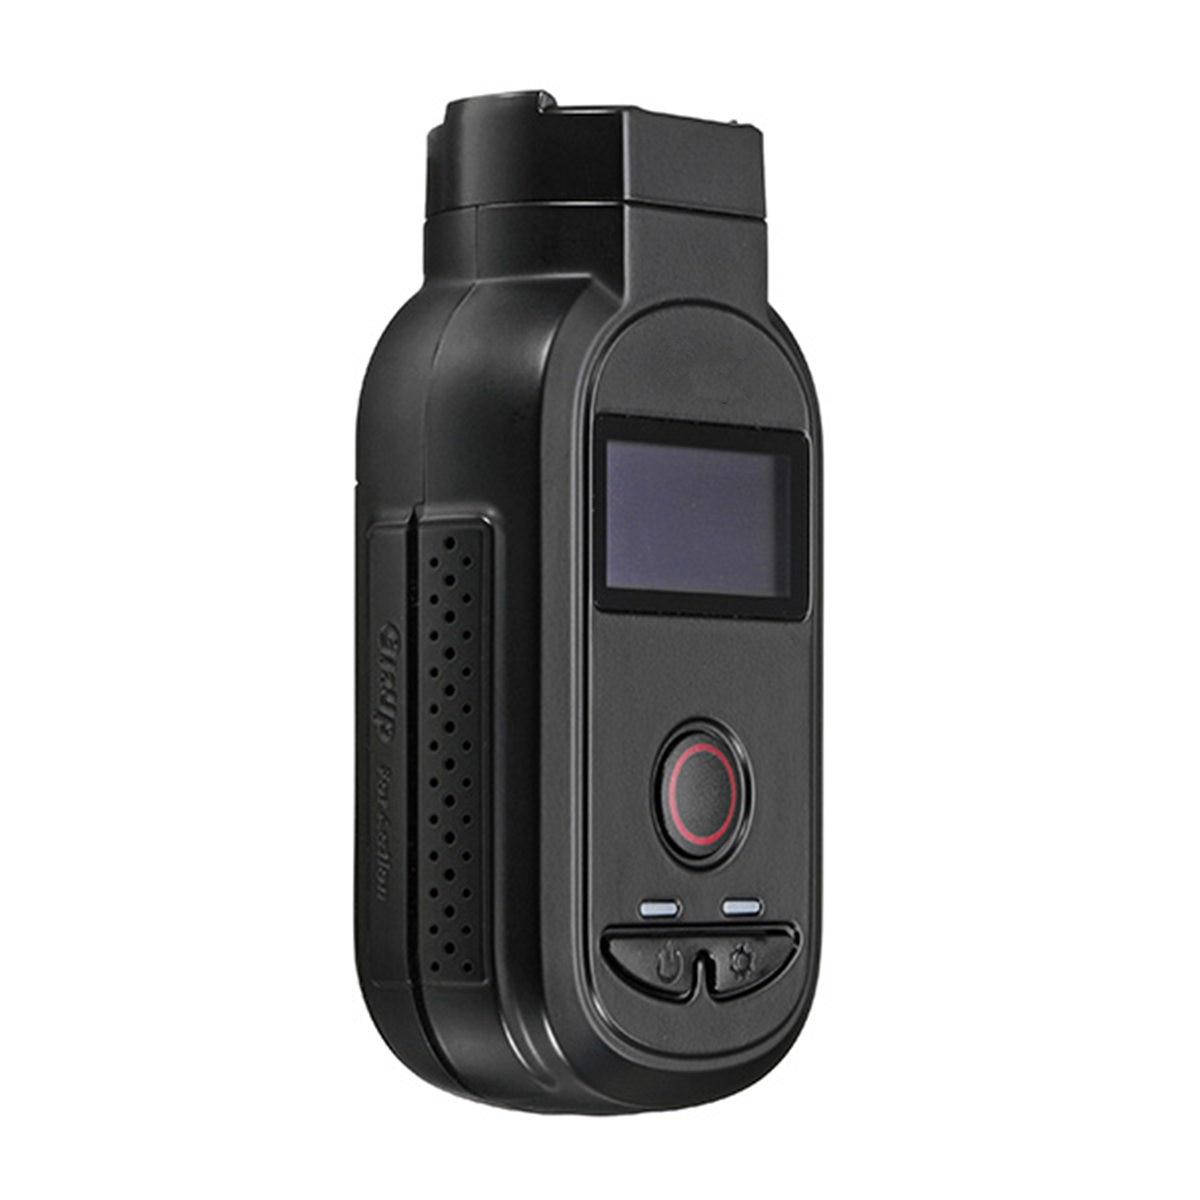 Professional Mini Portable 4K 5.8G 2.4G Wide Angle WIFI Camera PWM For Remote Control Consumer Camcorder professional 72mm 0 45x wide angle